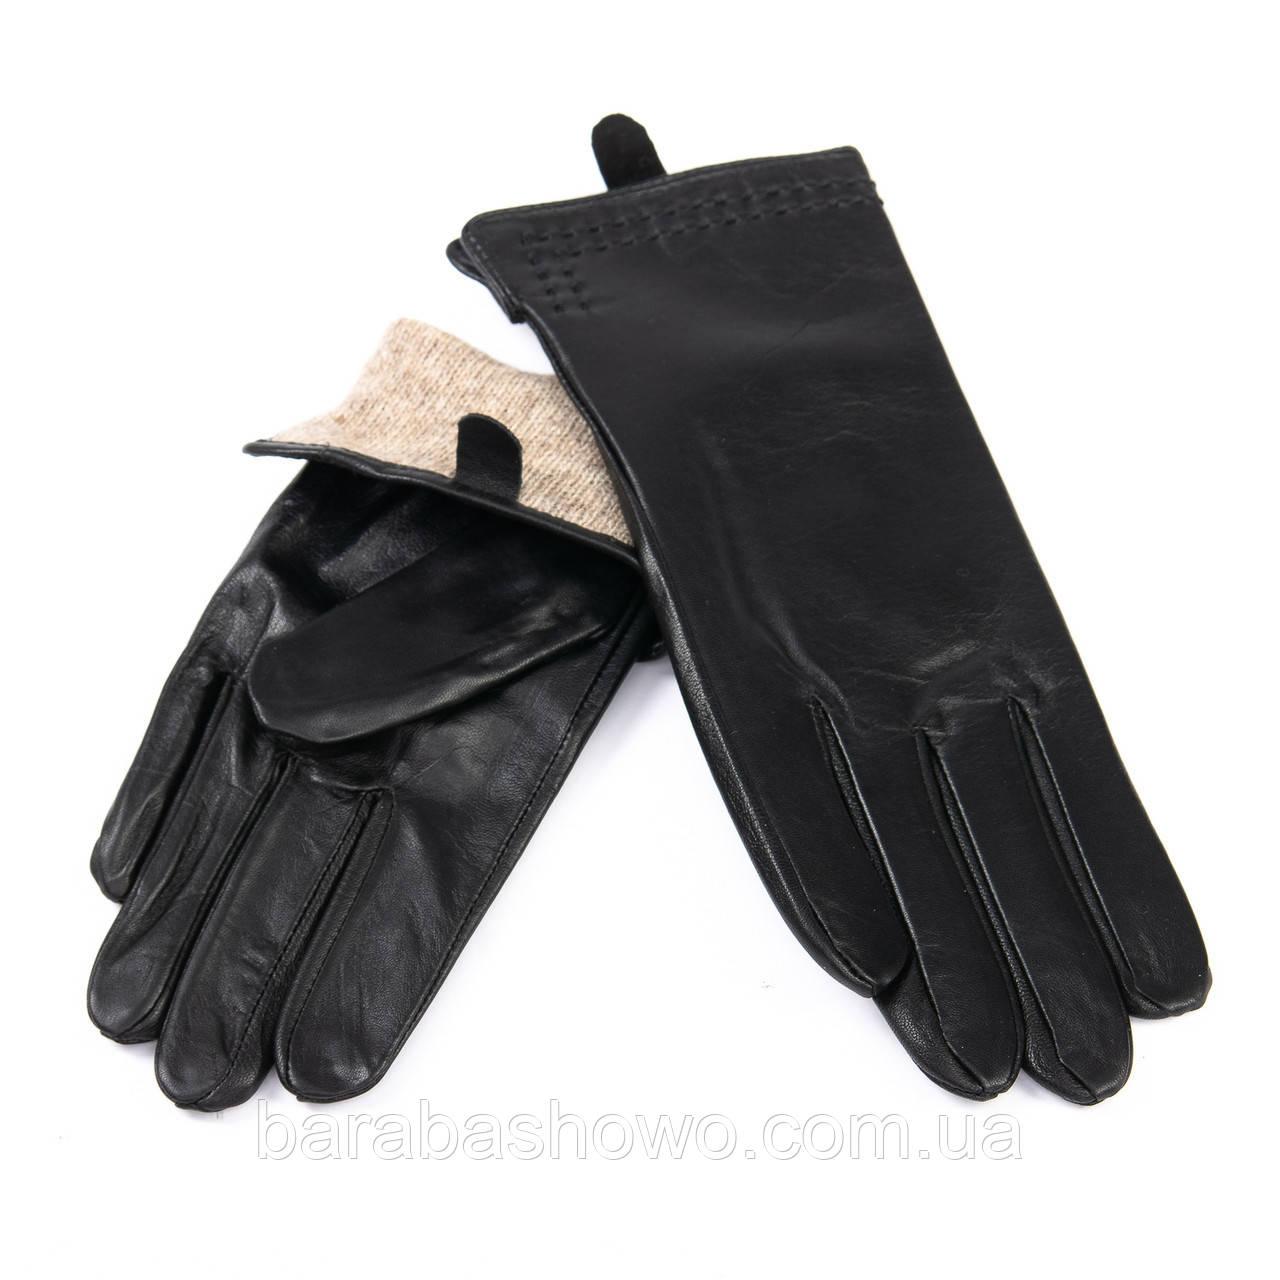 Кожаные женские перчатки с шерстяной подкладкой. F31/19 мод3